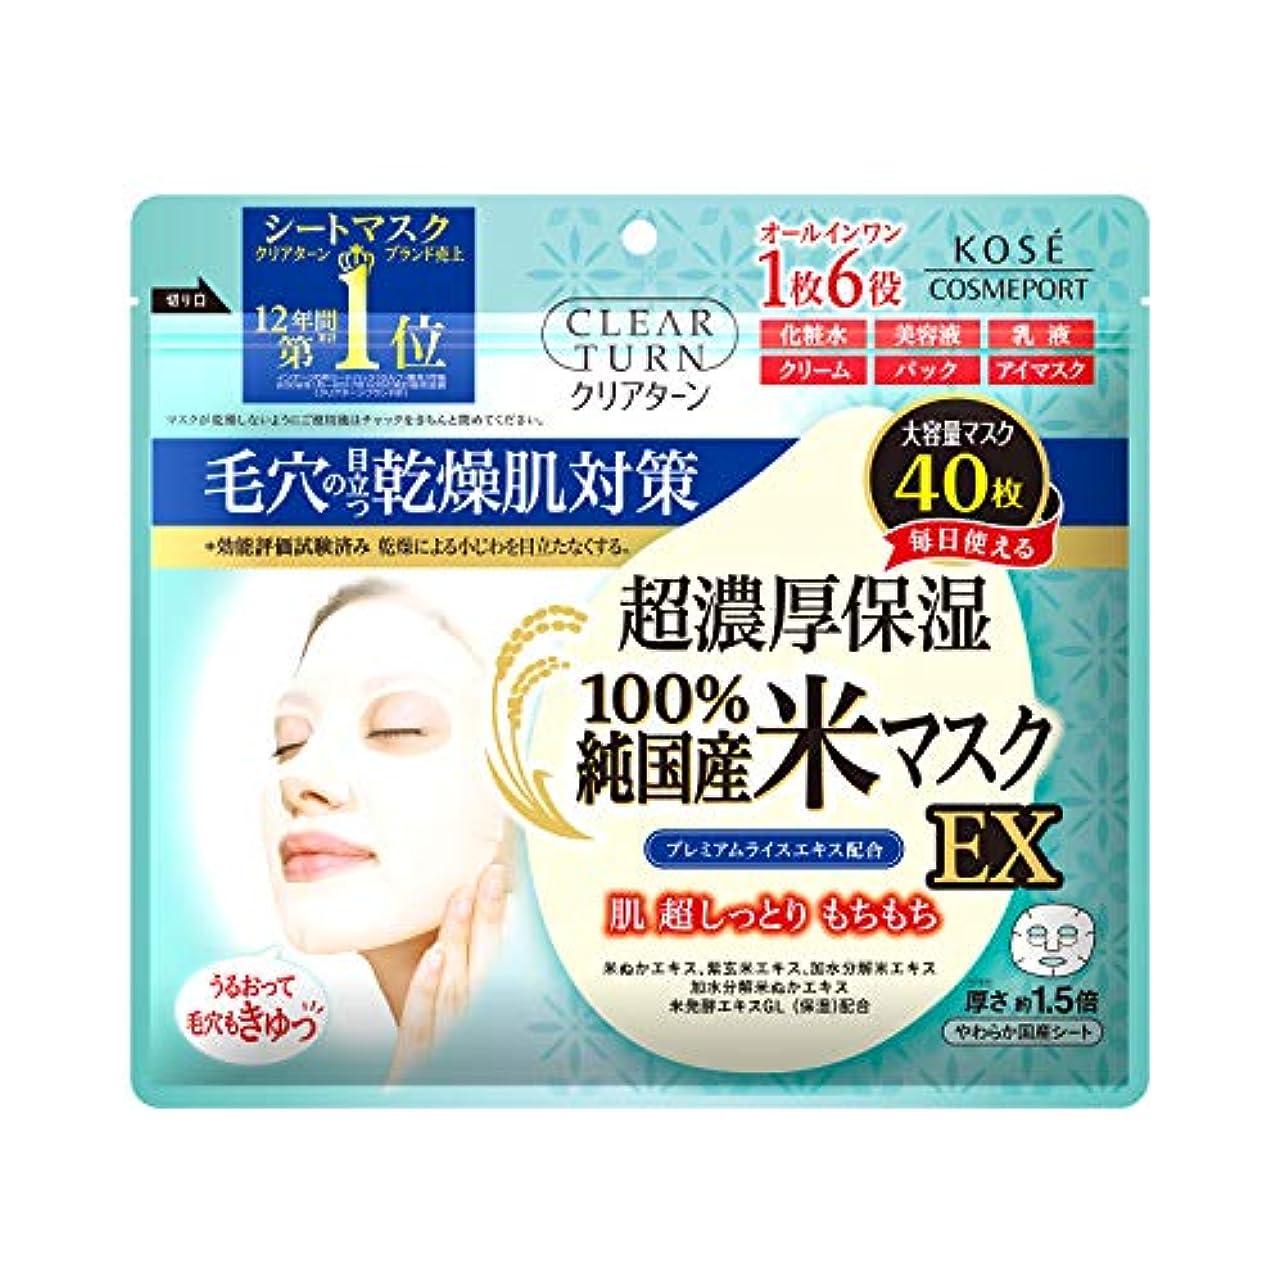 シャイ注目すべきチラチラするKOSE クリアターン 純国産米マスク EX 40枚入